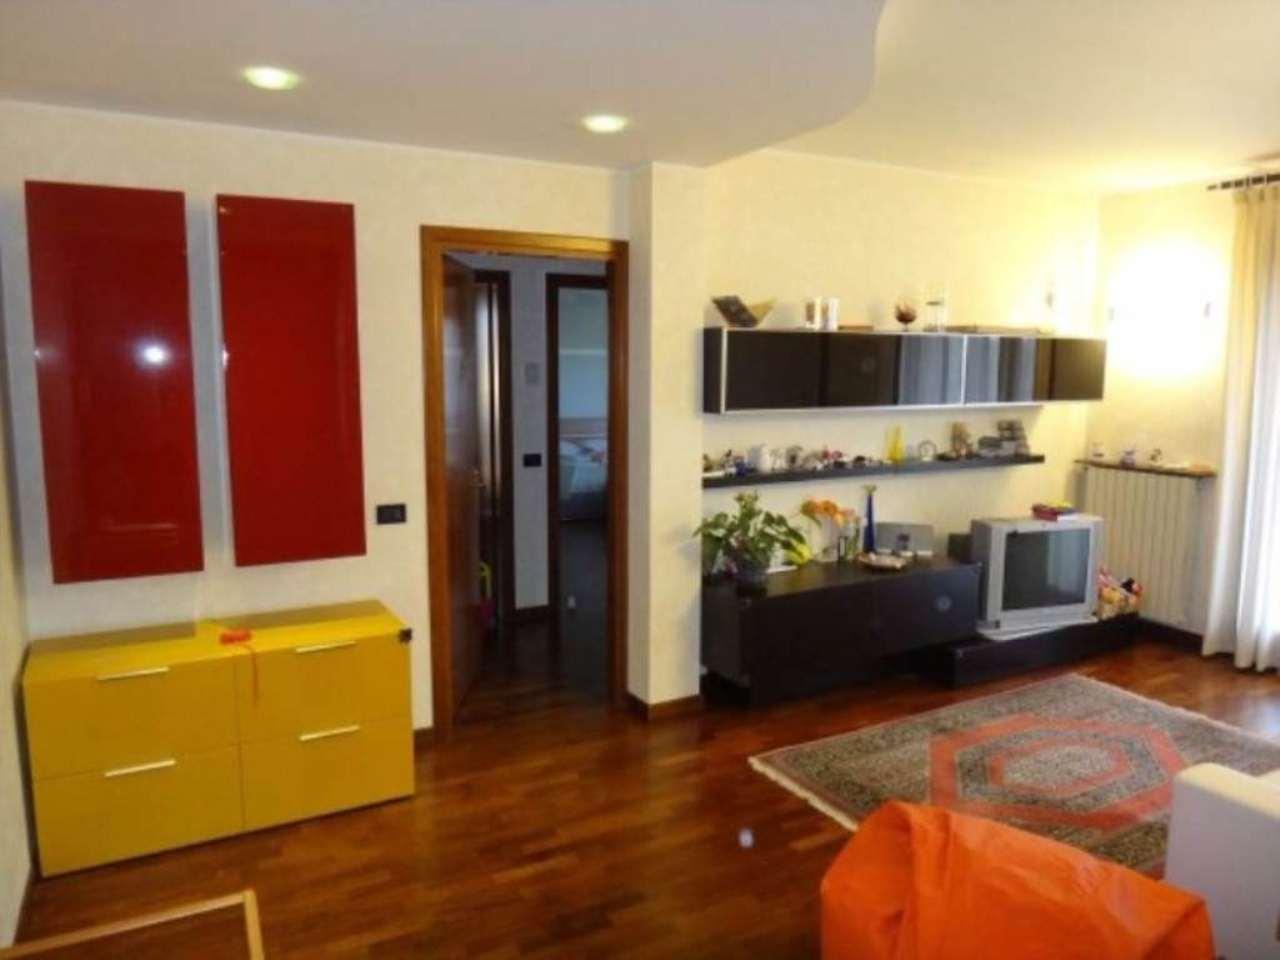 Appartamento in vendita a Venezia, 4 locali, zona Zona: 13 . Zelarino, prezzo € 167.000 | Cambio Casa.it